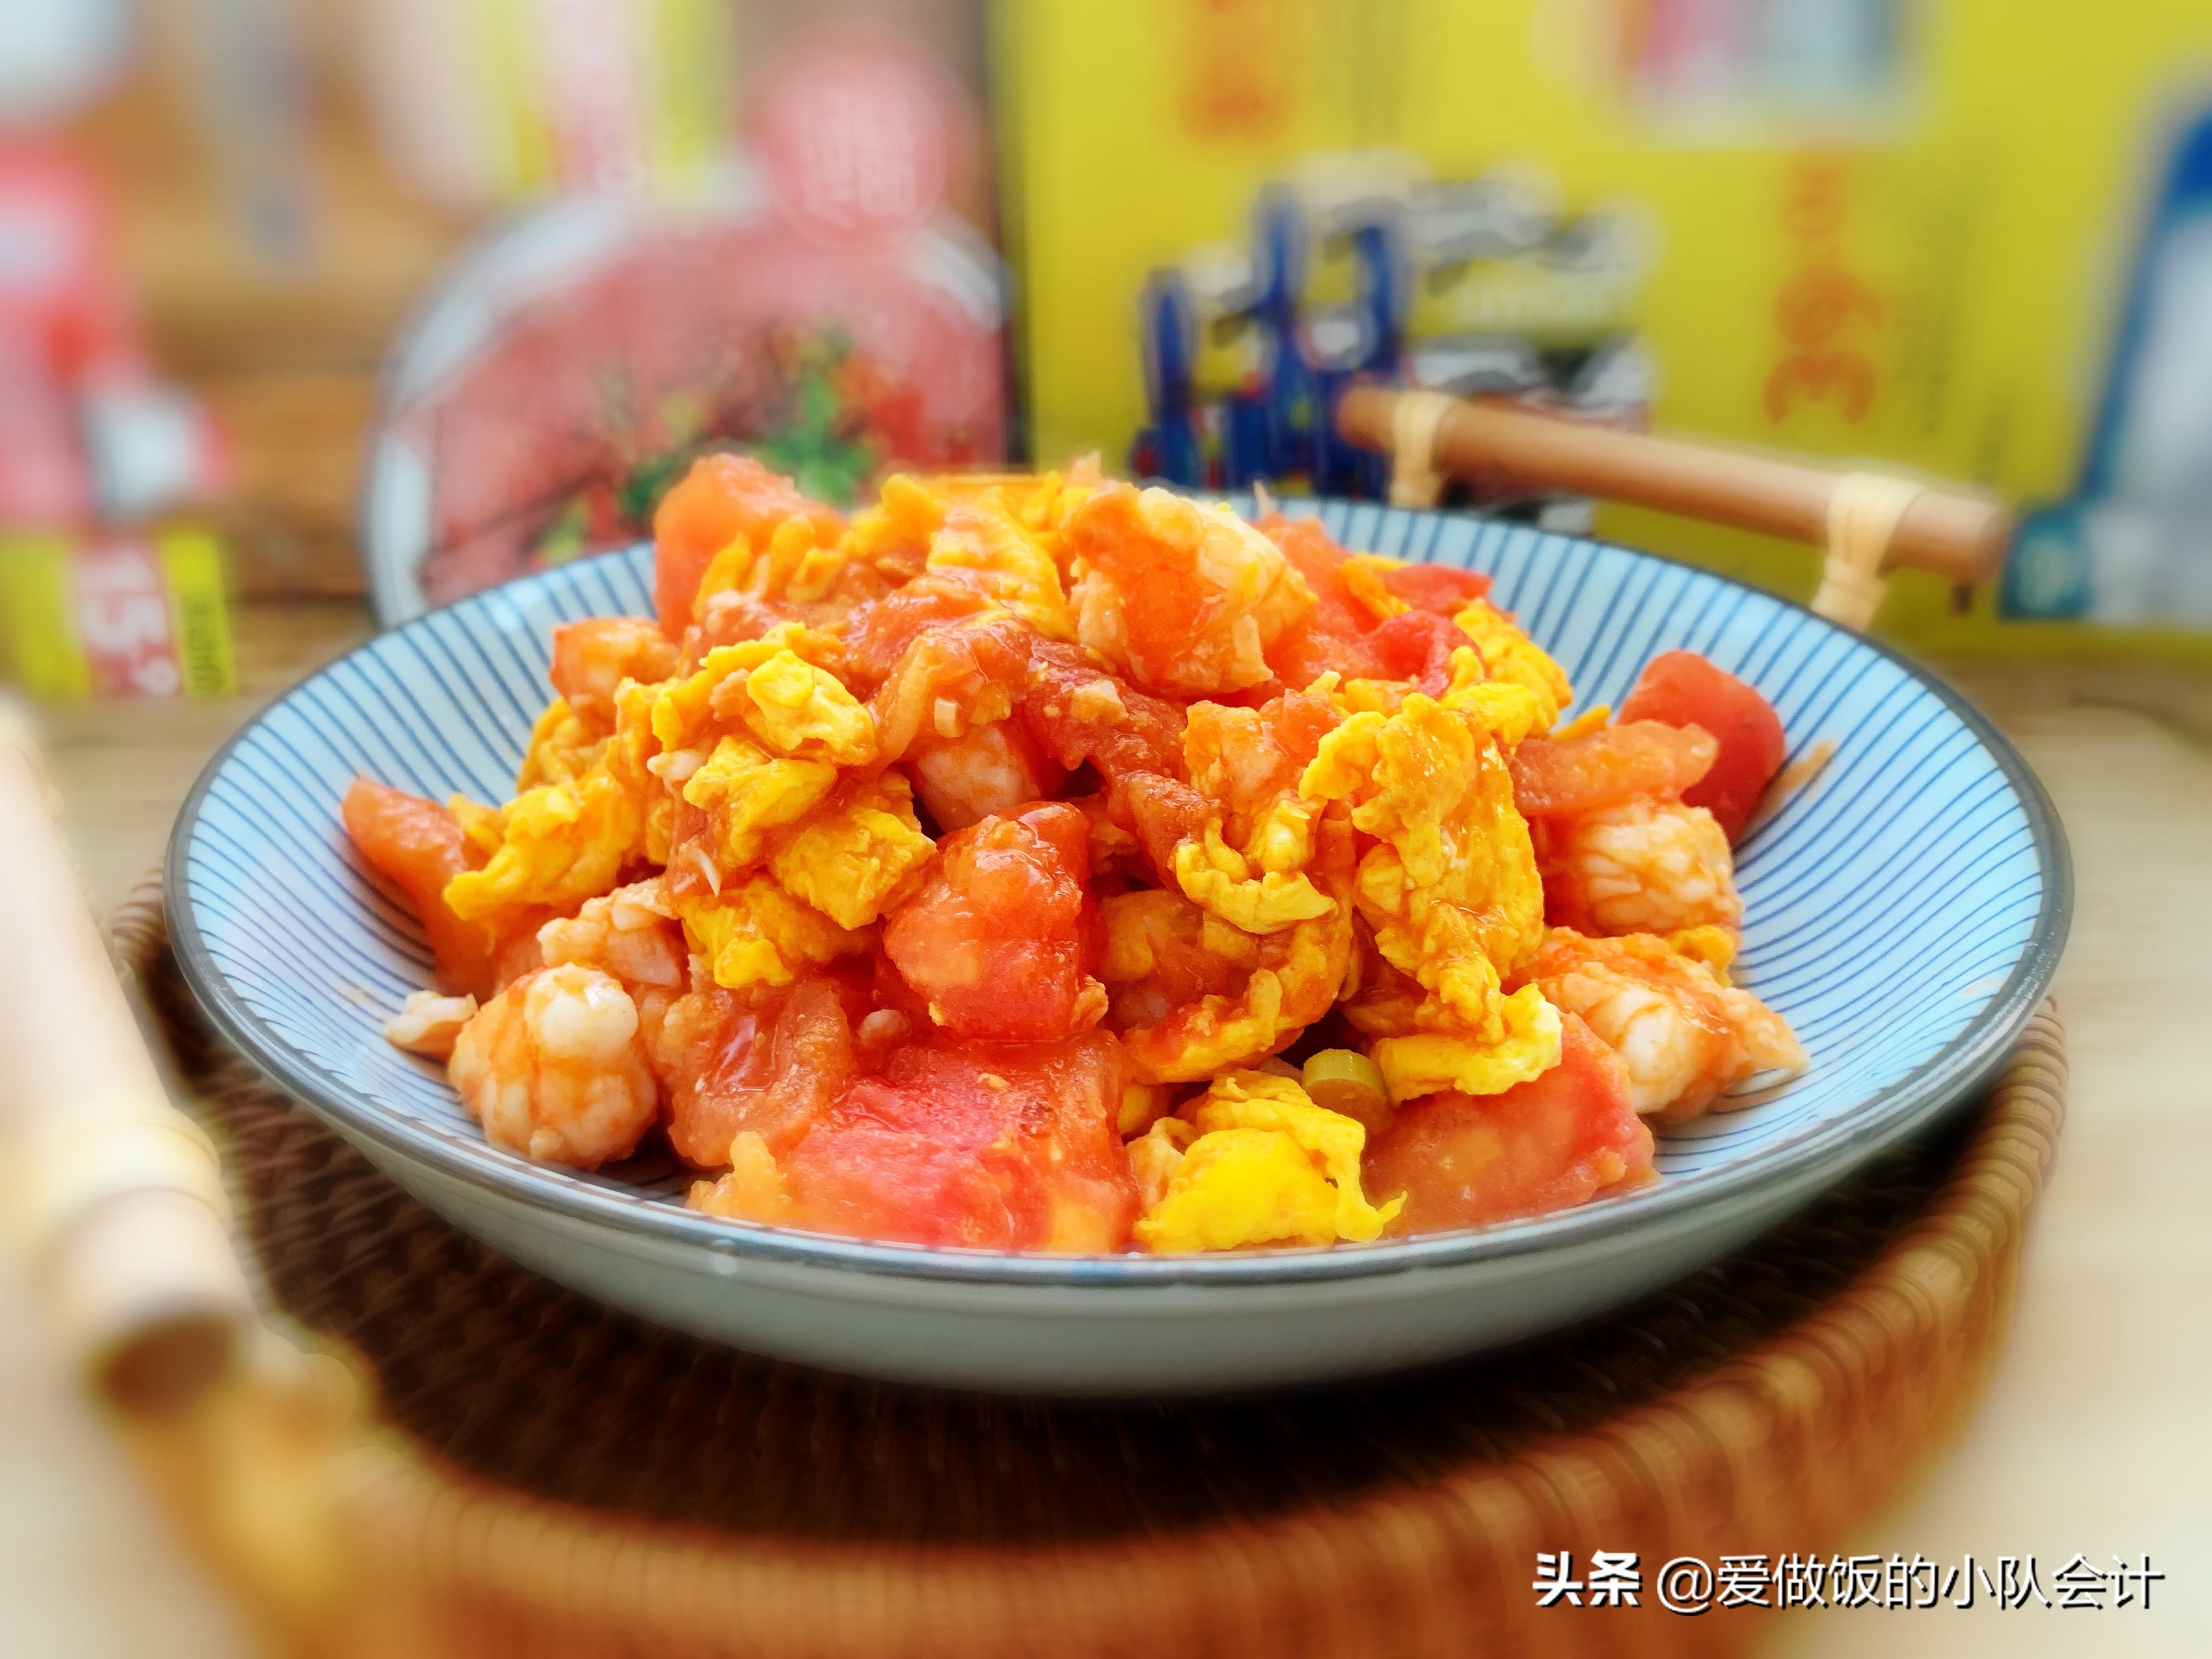 做西红柿炒鸡蛋,最怕直接下锅炒,牢记2点,汁浓蛋嫩味道香 美食做法 第1张